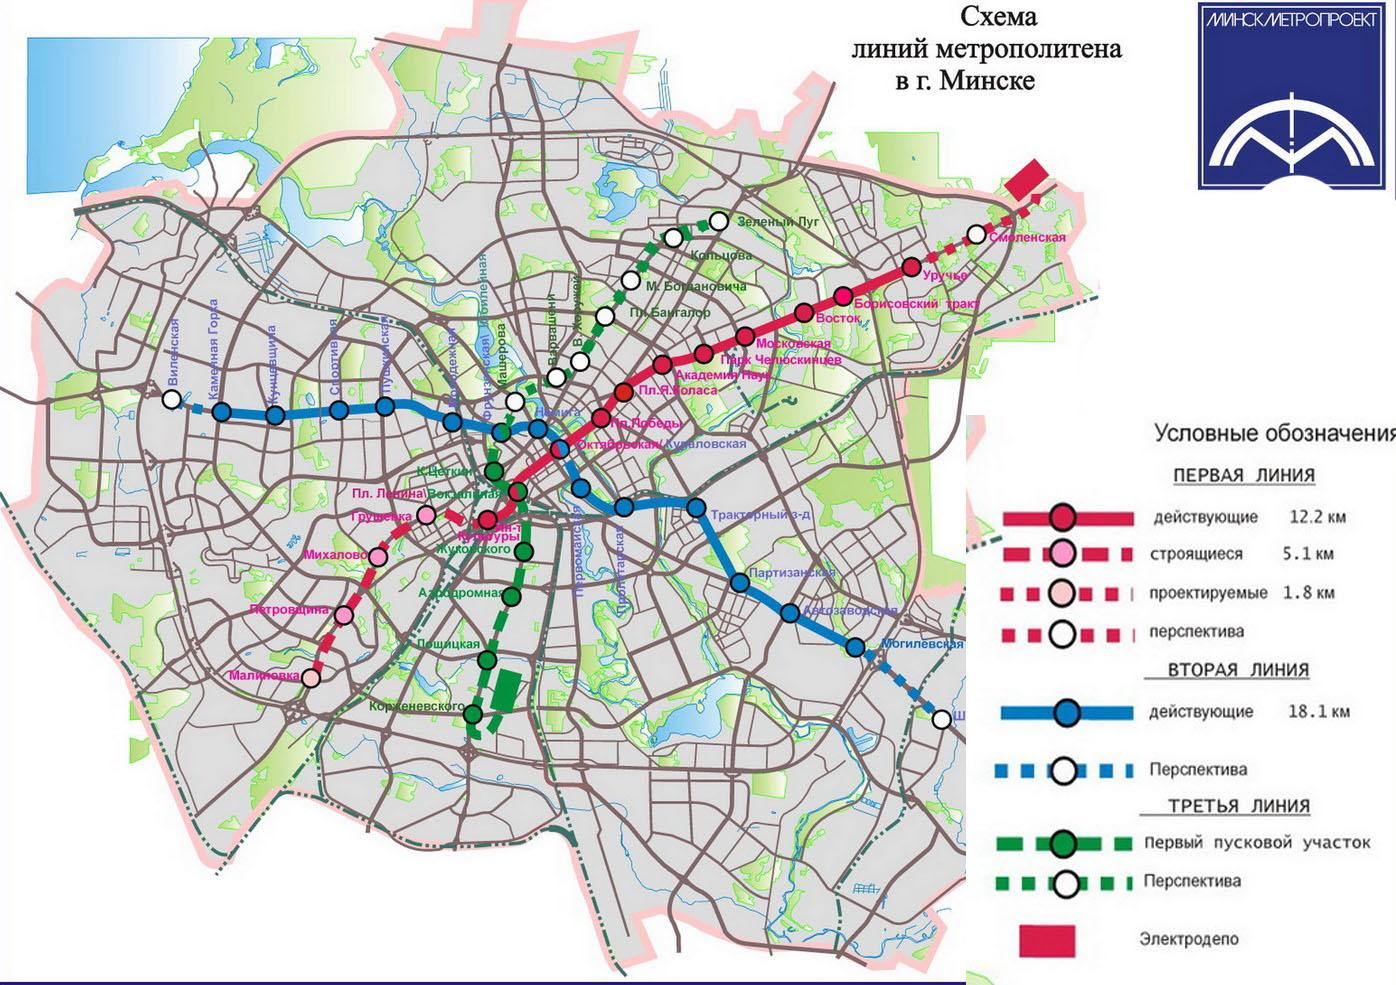 metro-in-future1